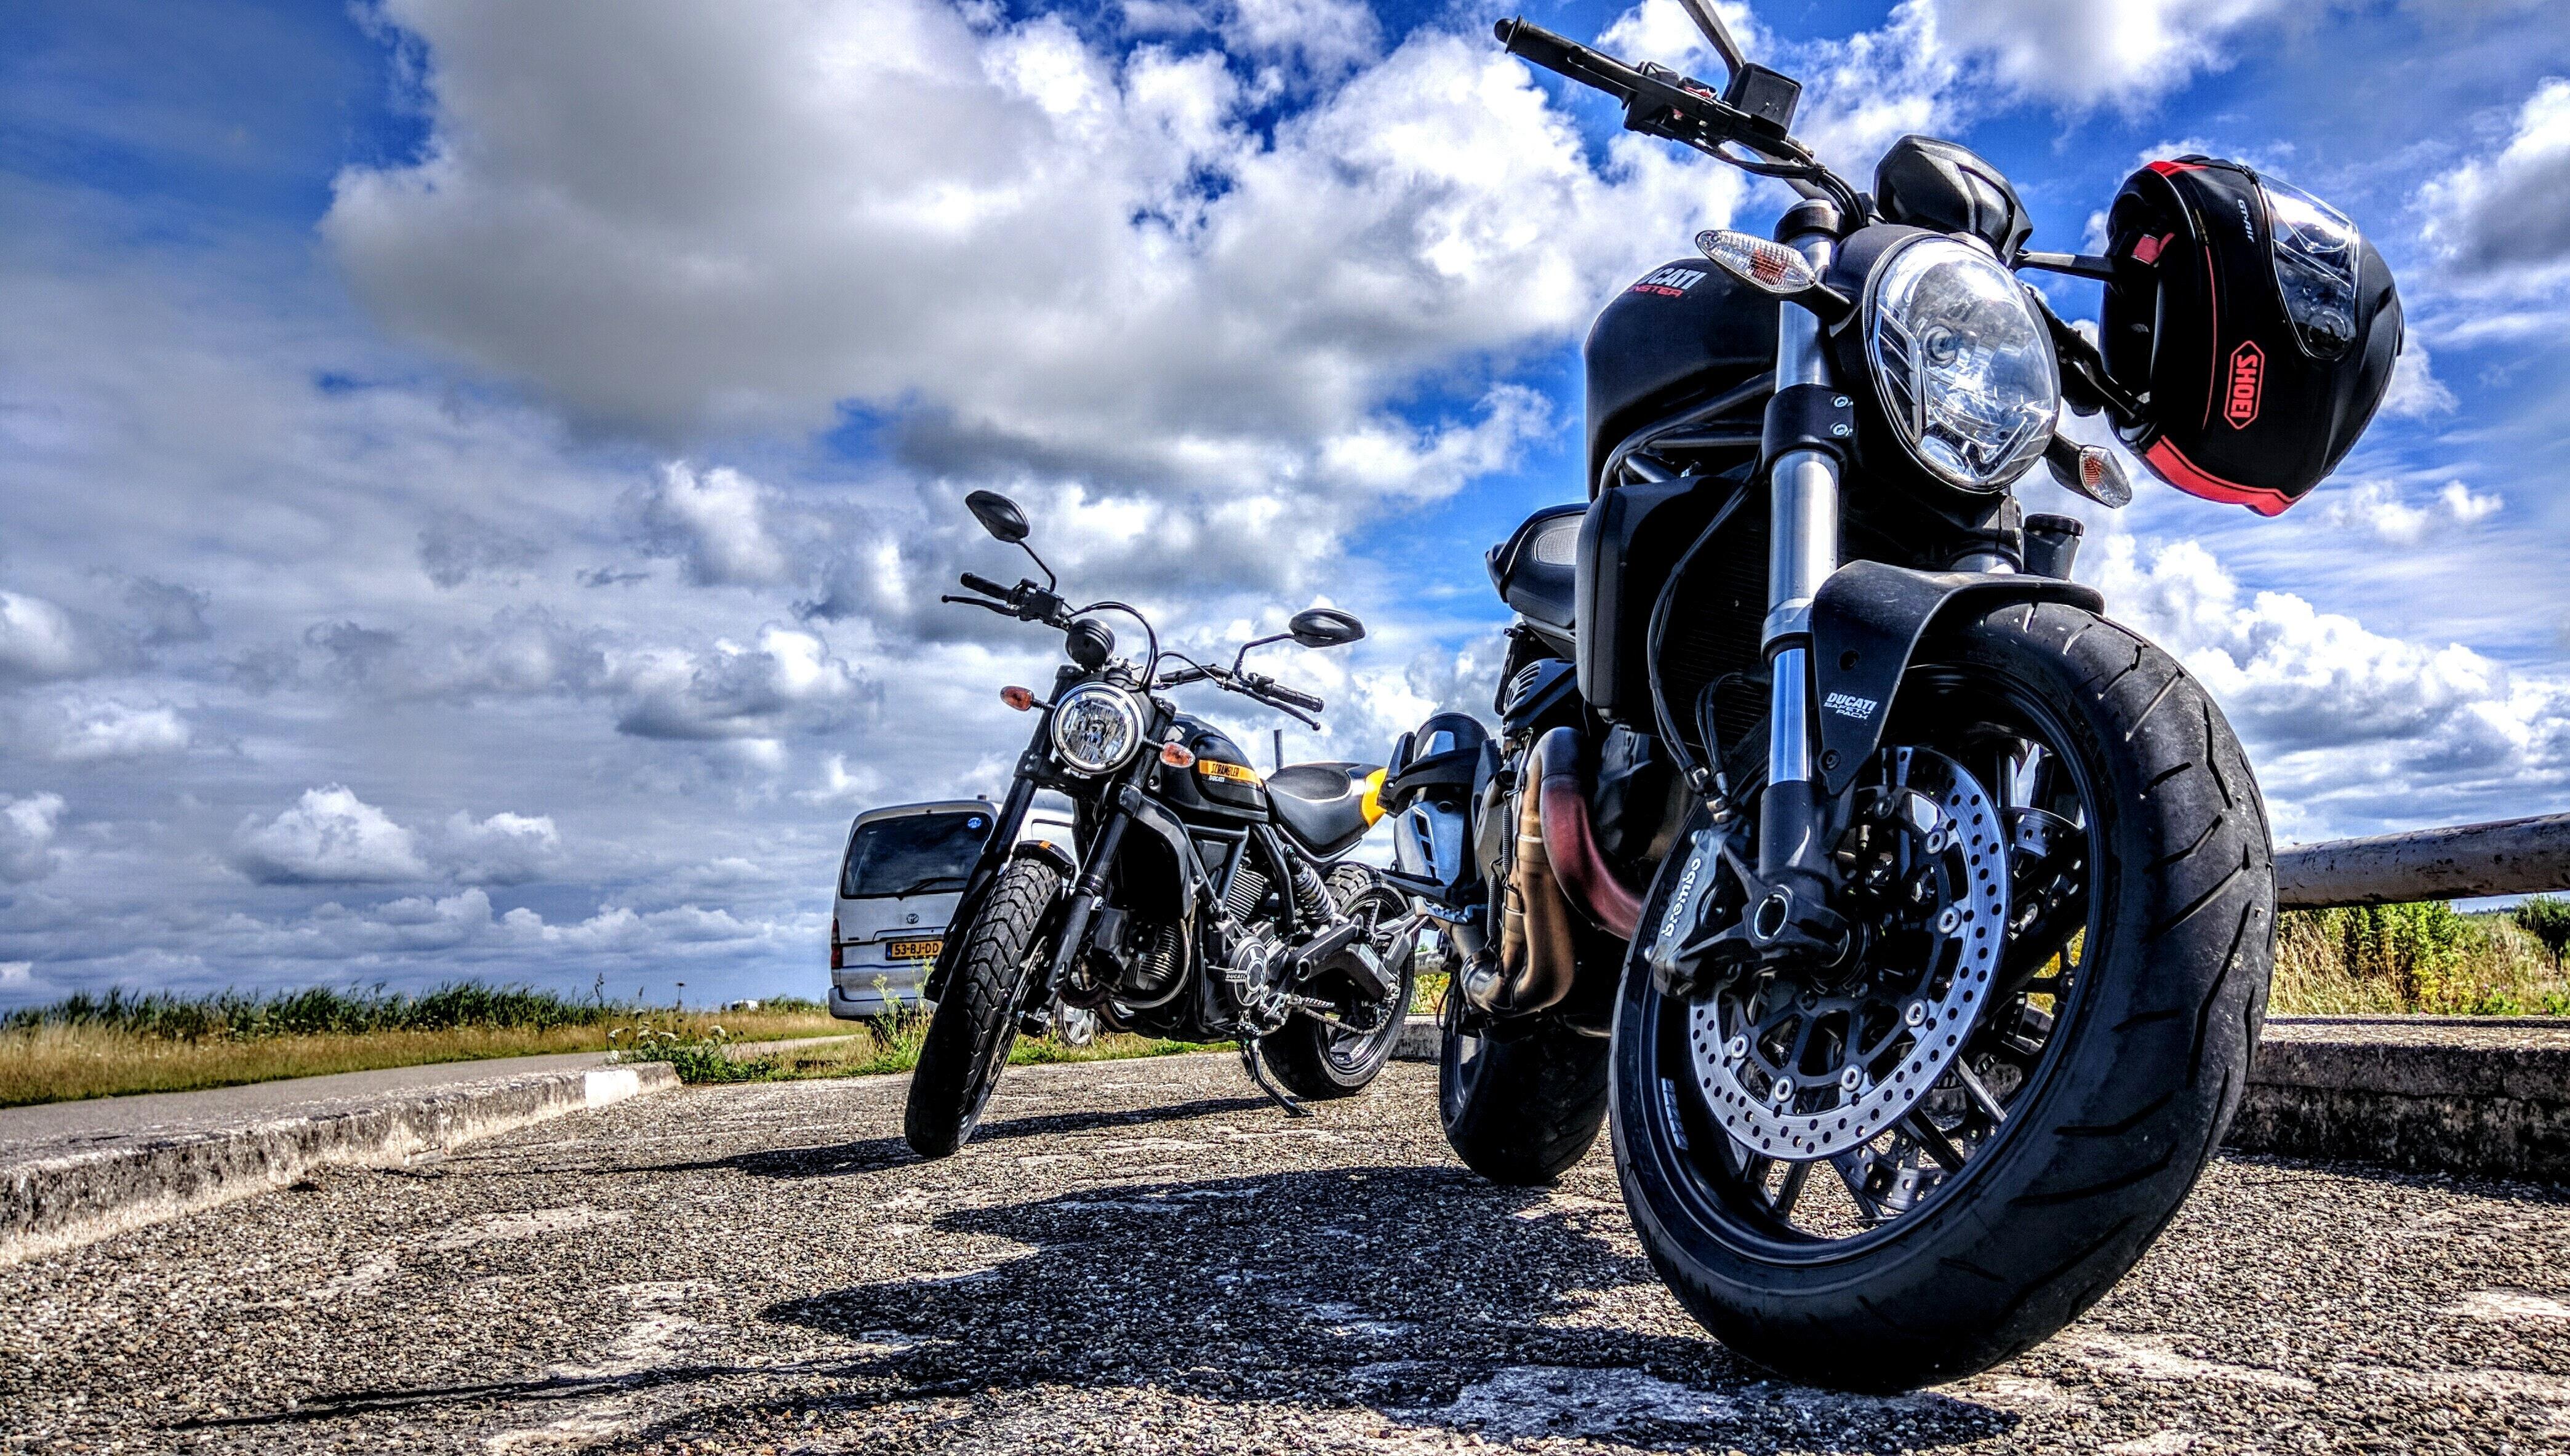 Foto: Motoren op de weg